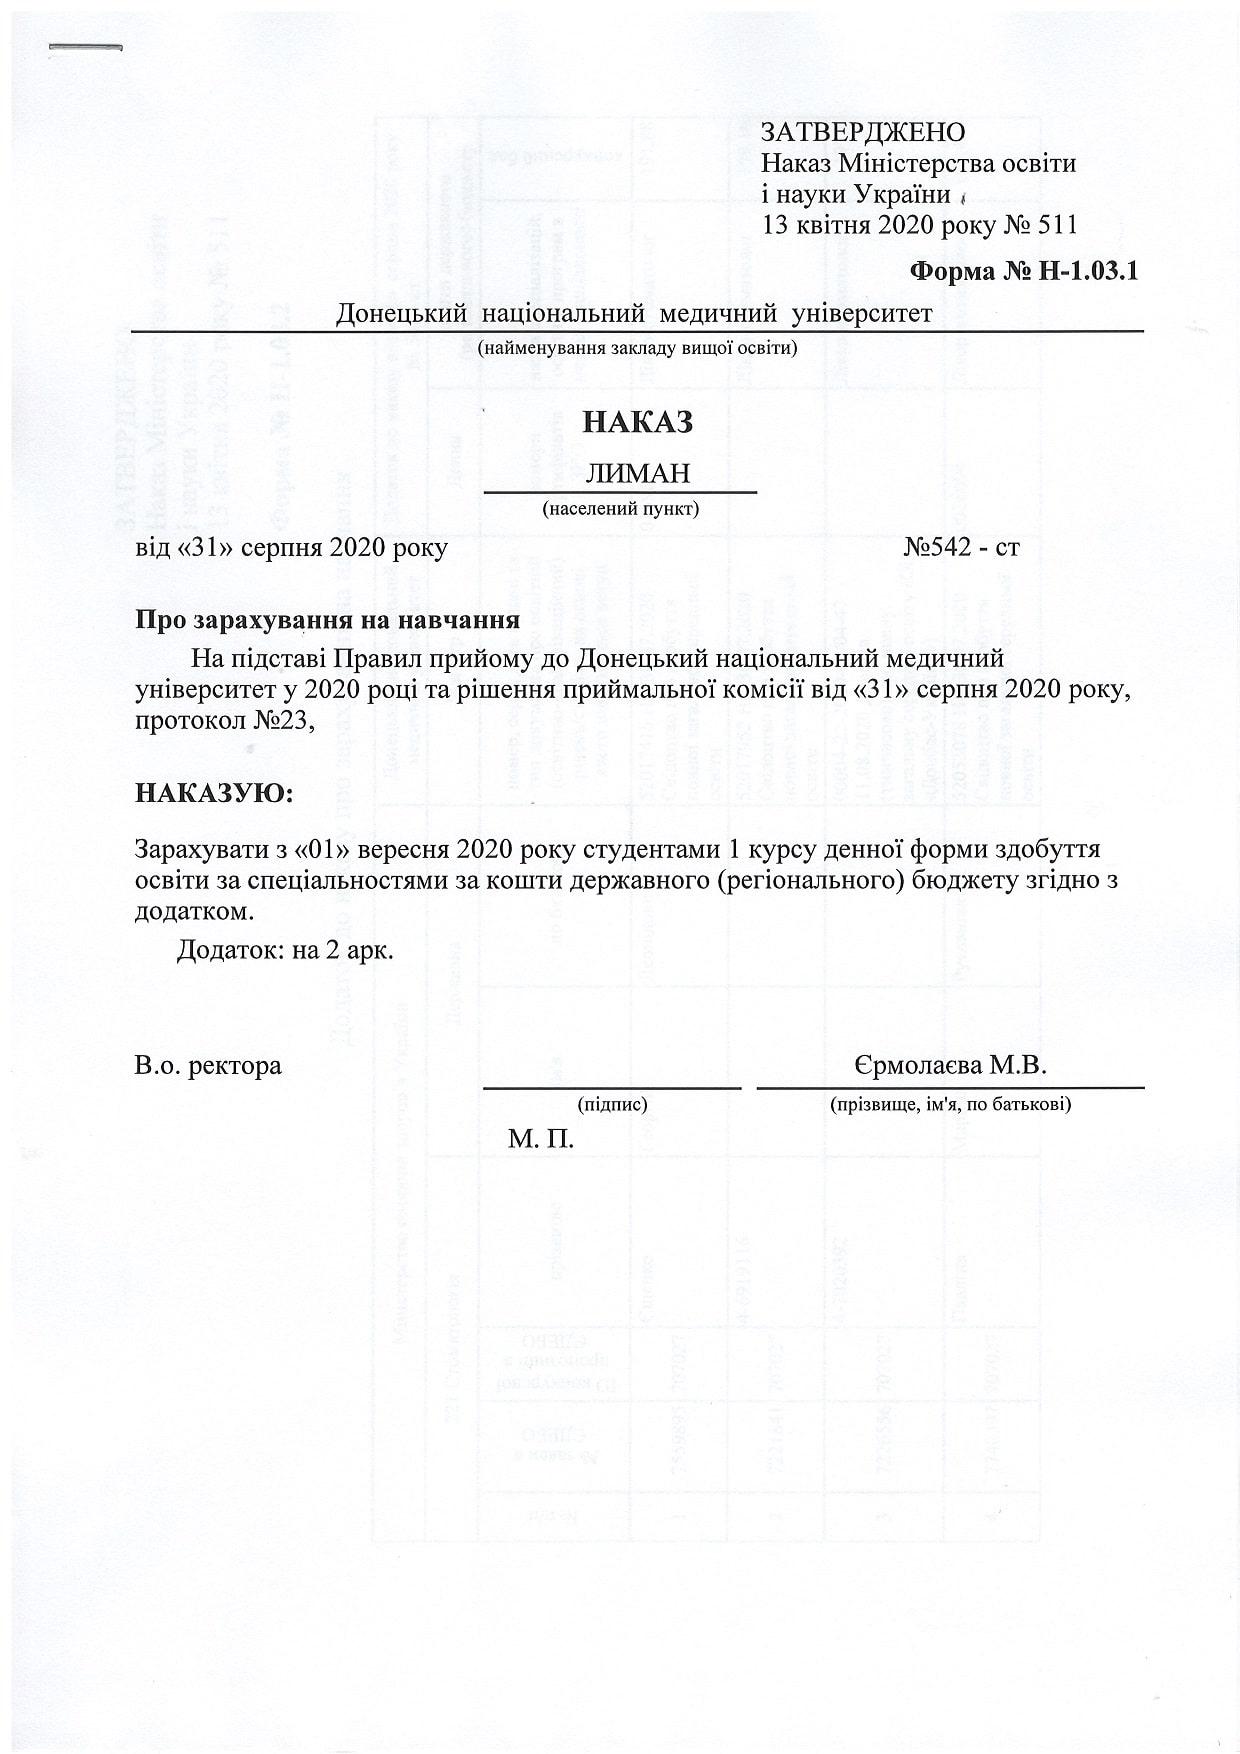 Наказ №542-ст Про зарахування на навчання доннму